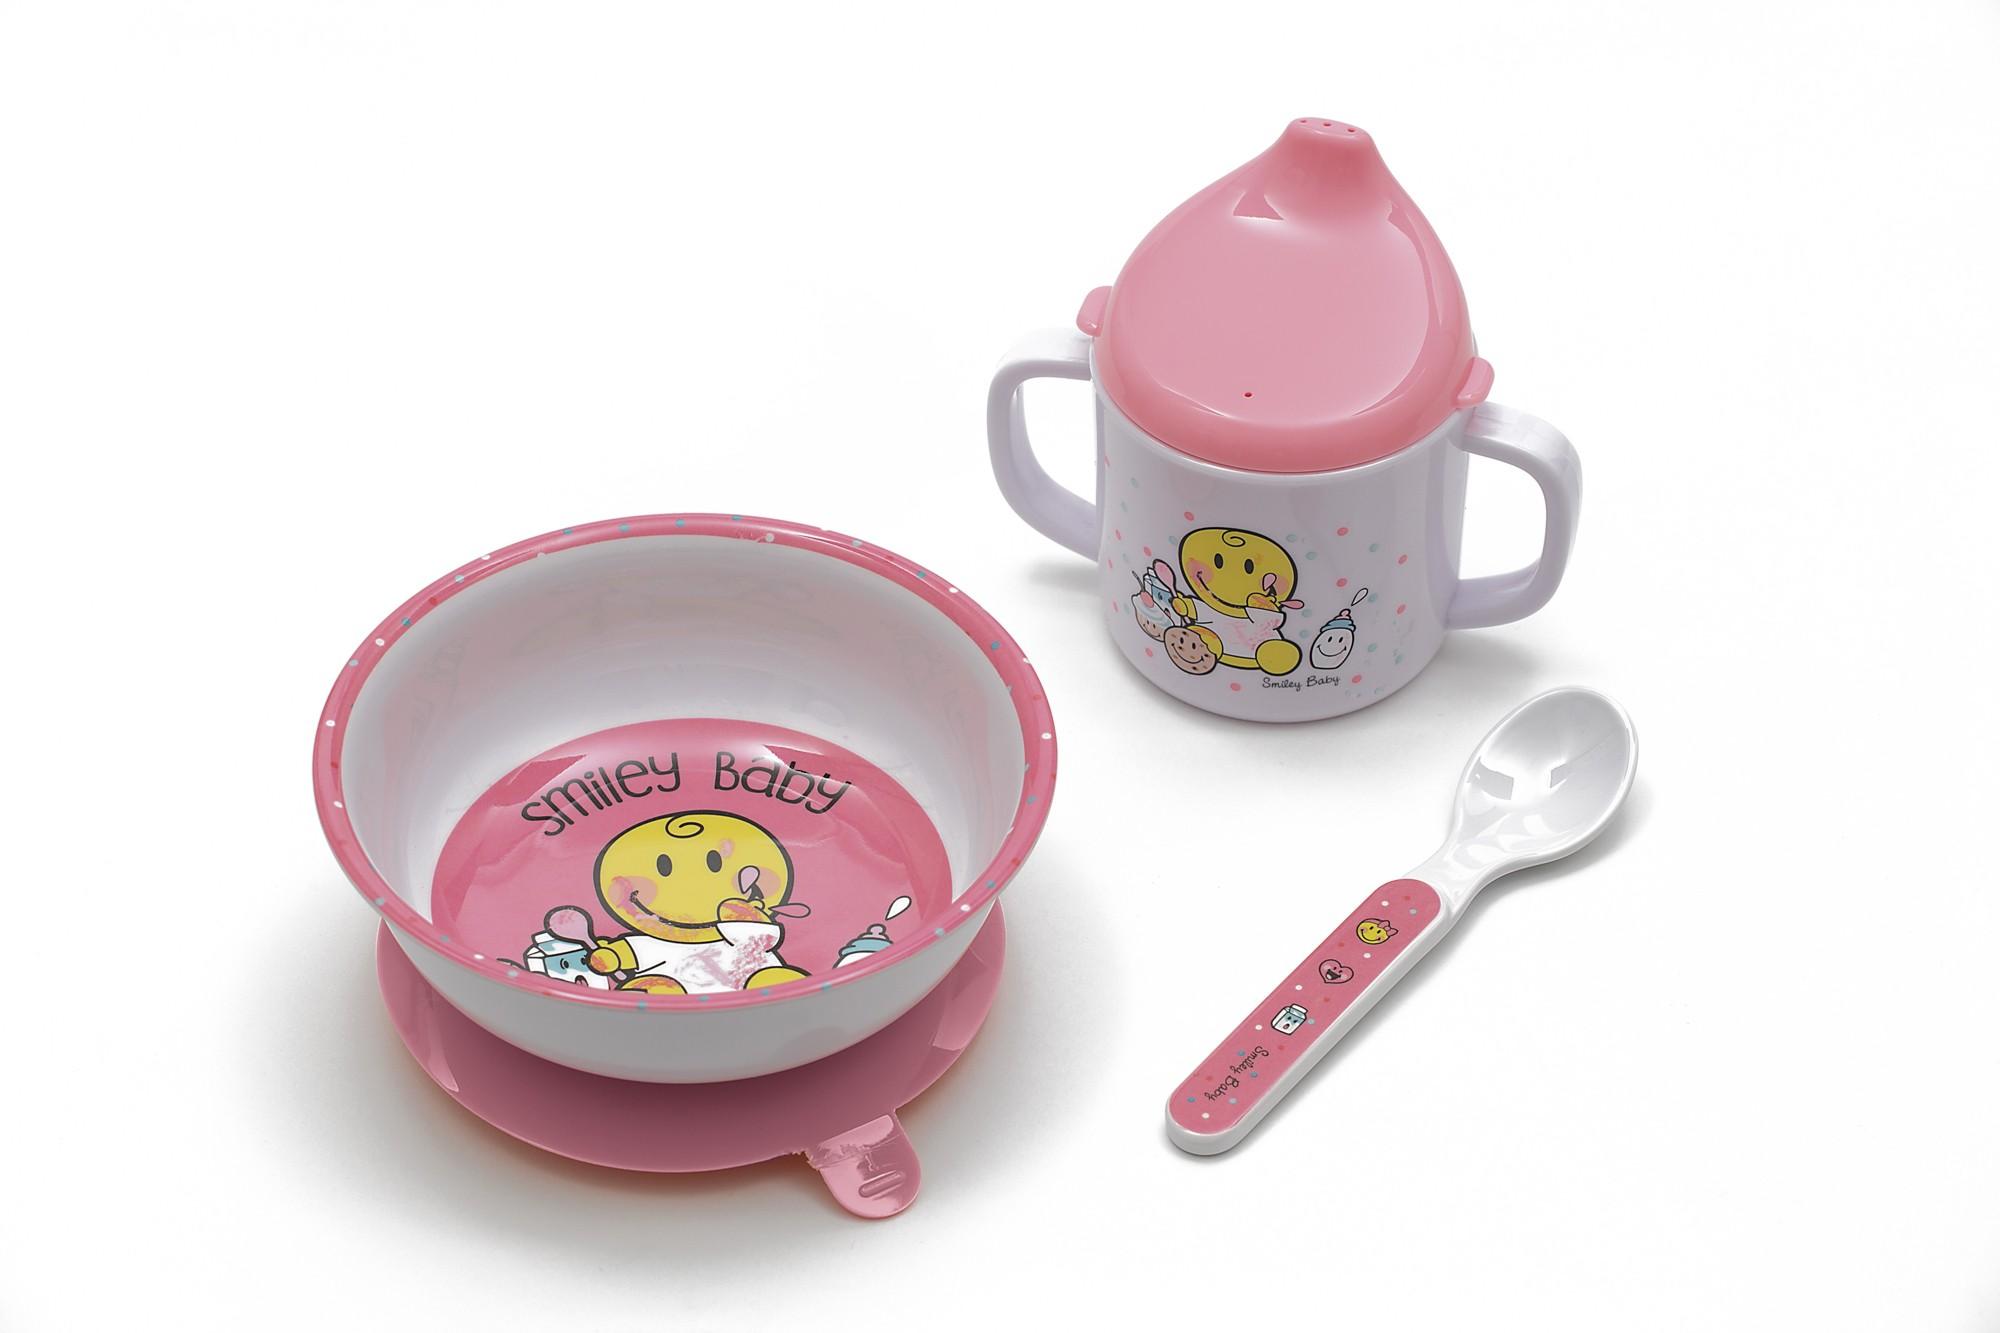 Σετ Φαγητού BeBe Smiley Baby Girl Zak Designs 3Τεμ. Μελαμίνης home   ειδη σερβιρισματος   είδη bebe